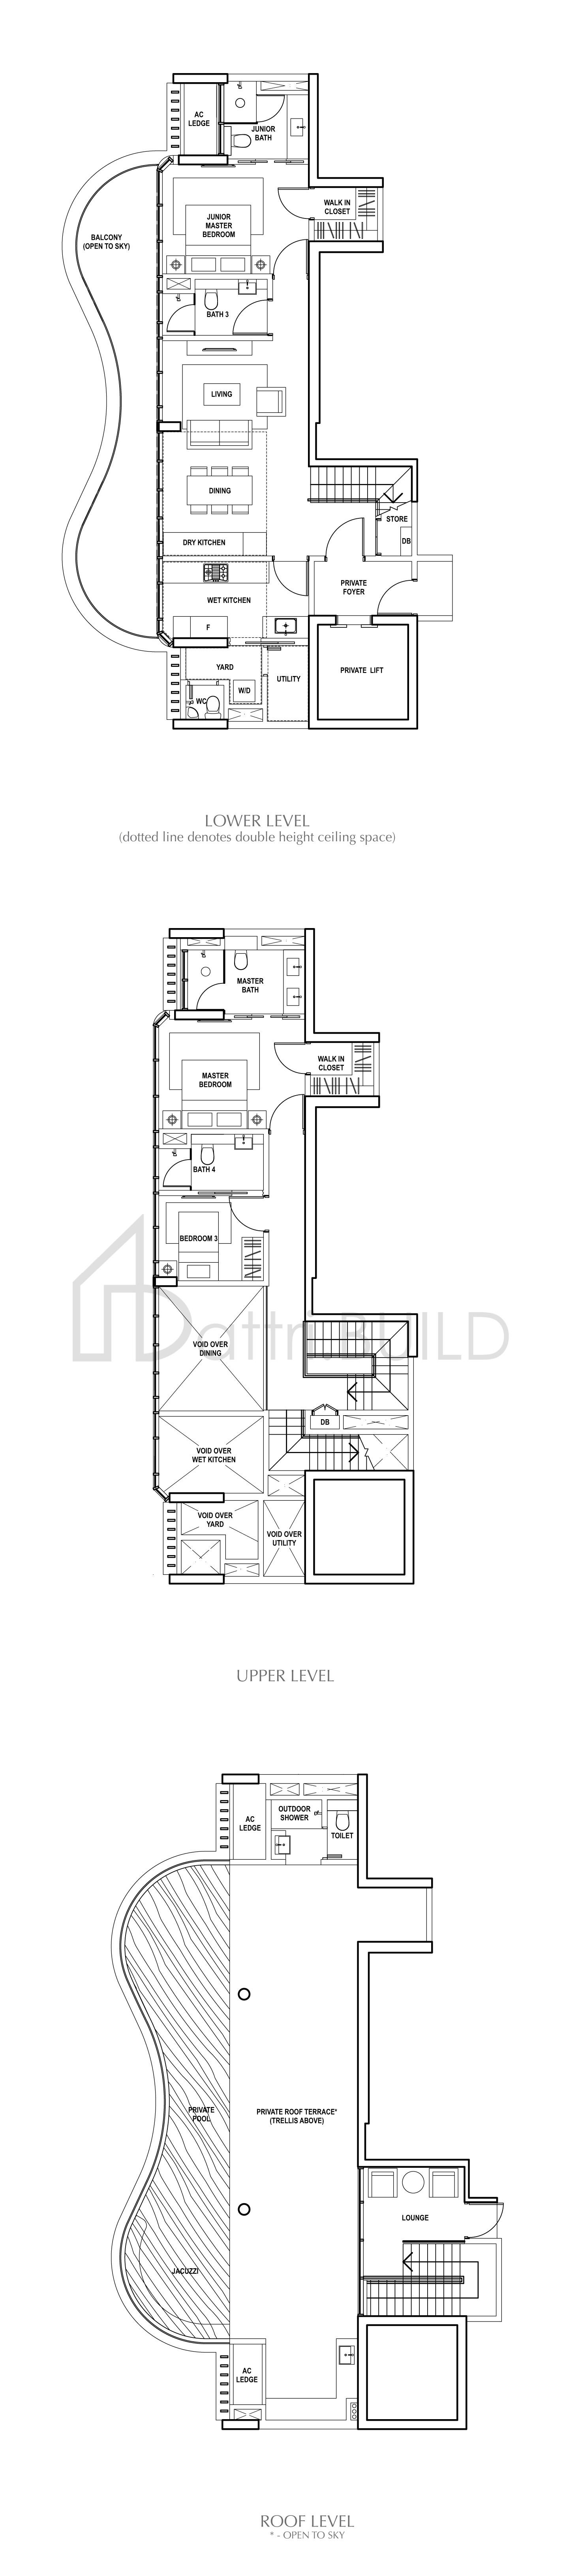 Amber Skye 3 Bedroom Type Penthouse 1